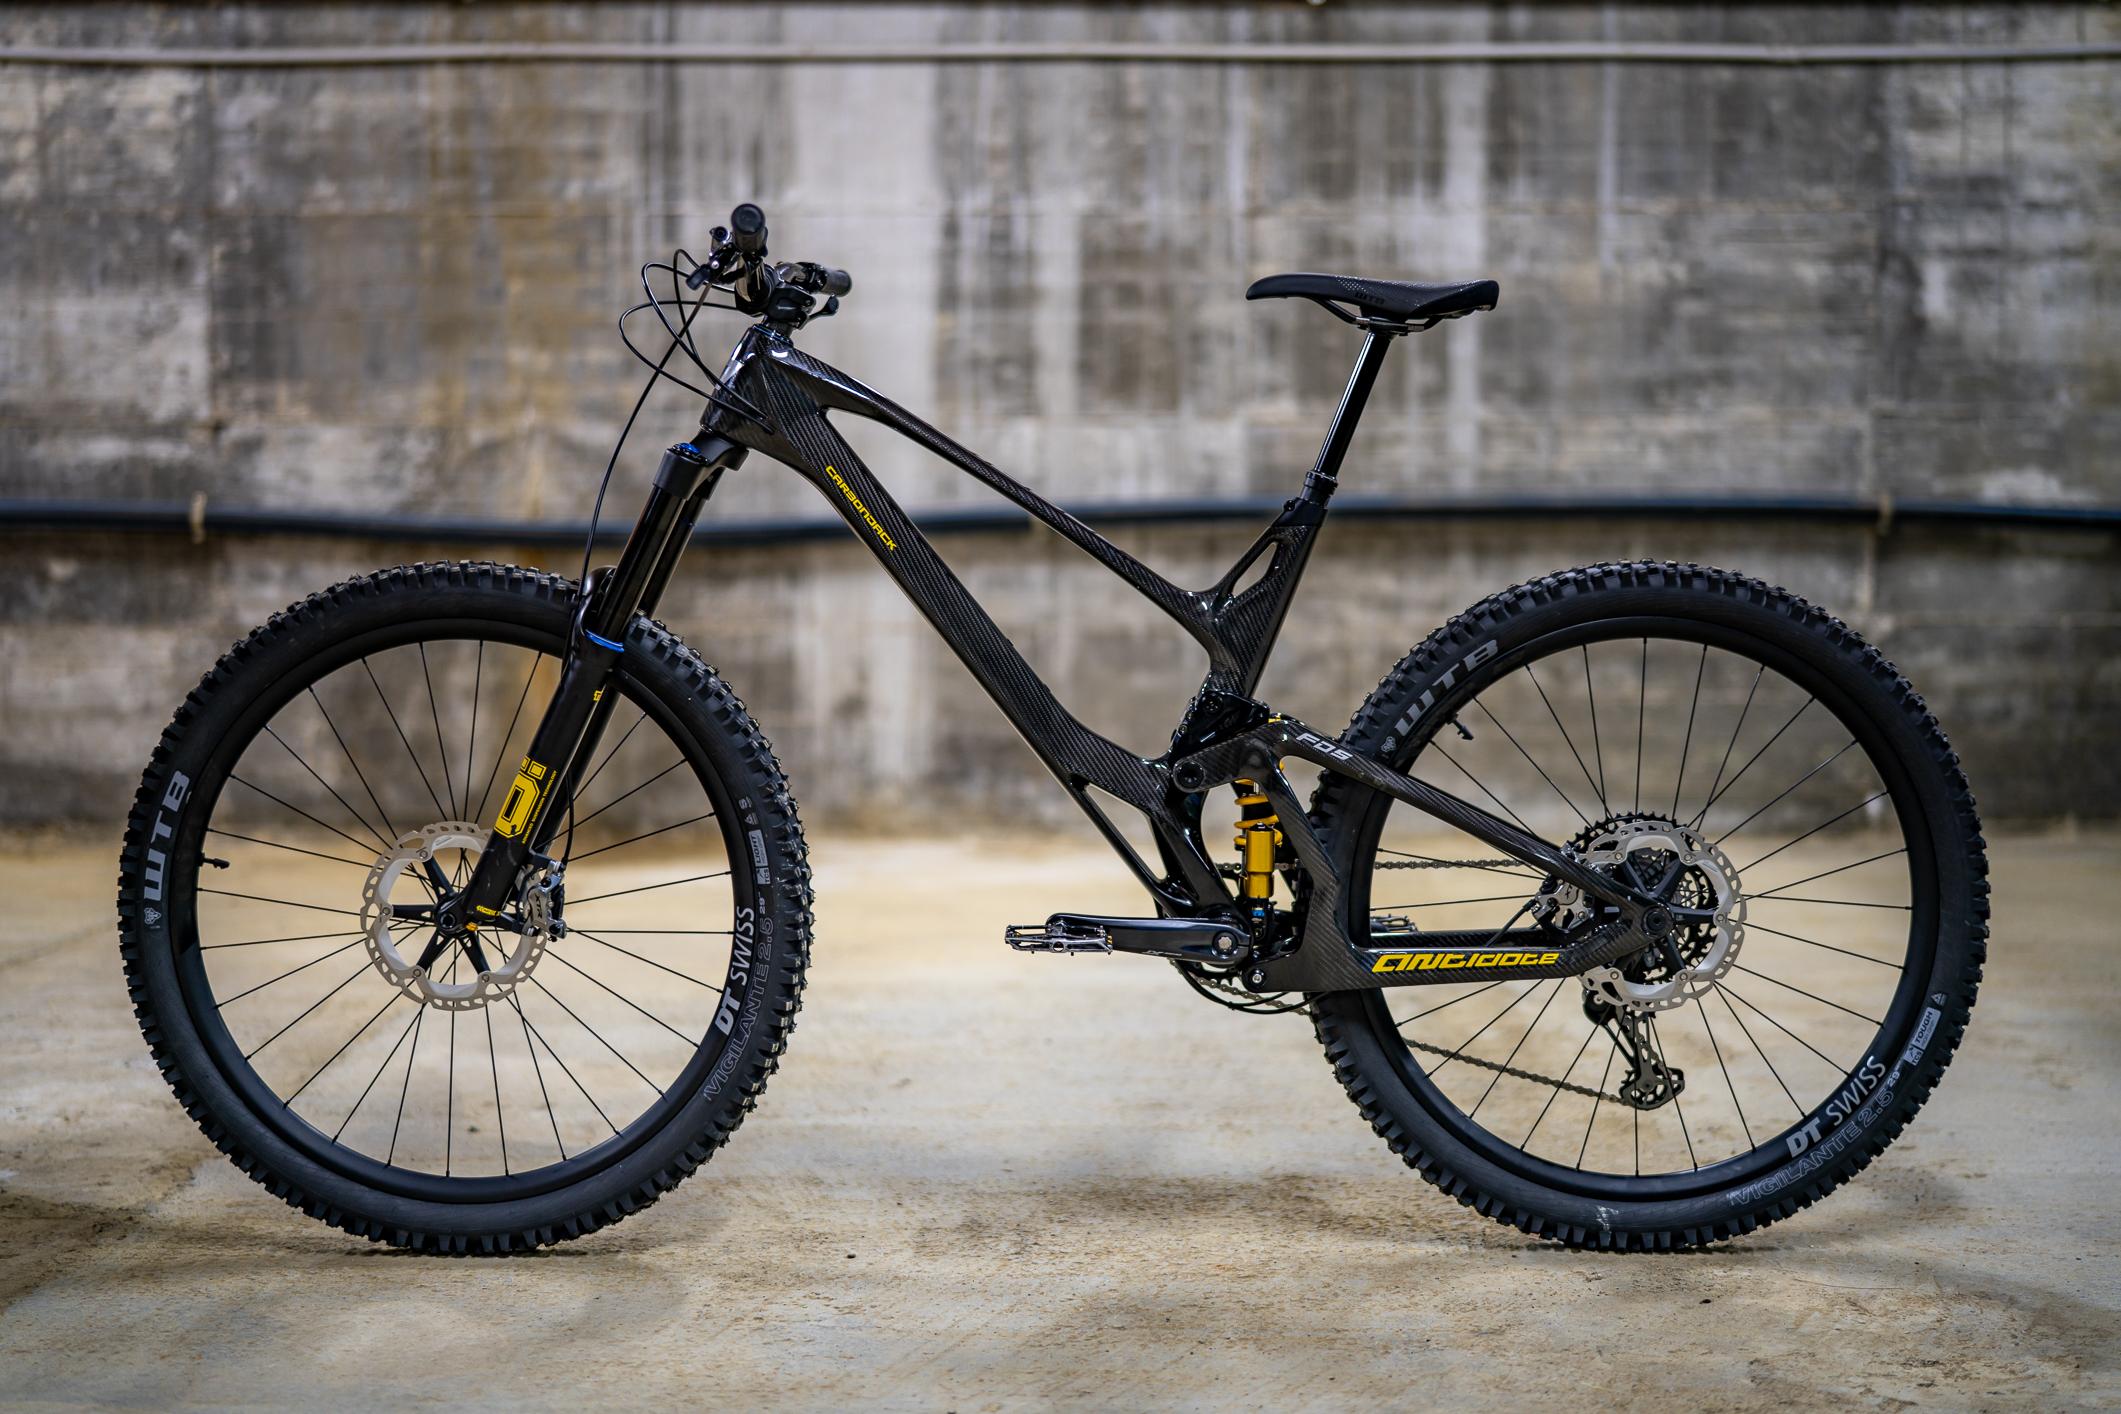 RK 02000 1 RichKurowski Cycleholix